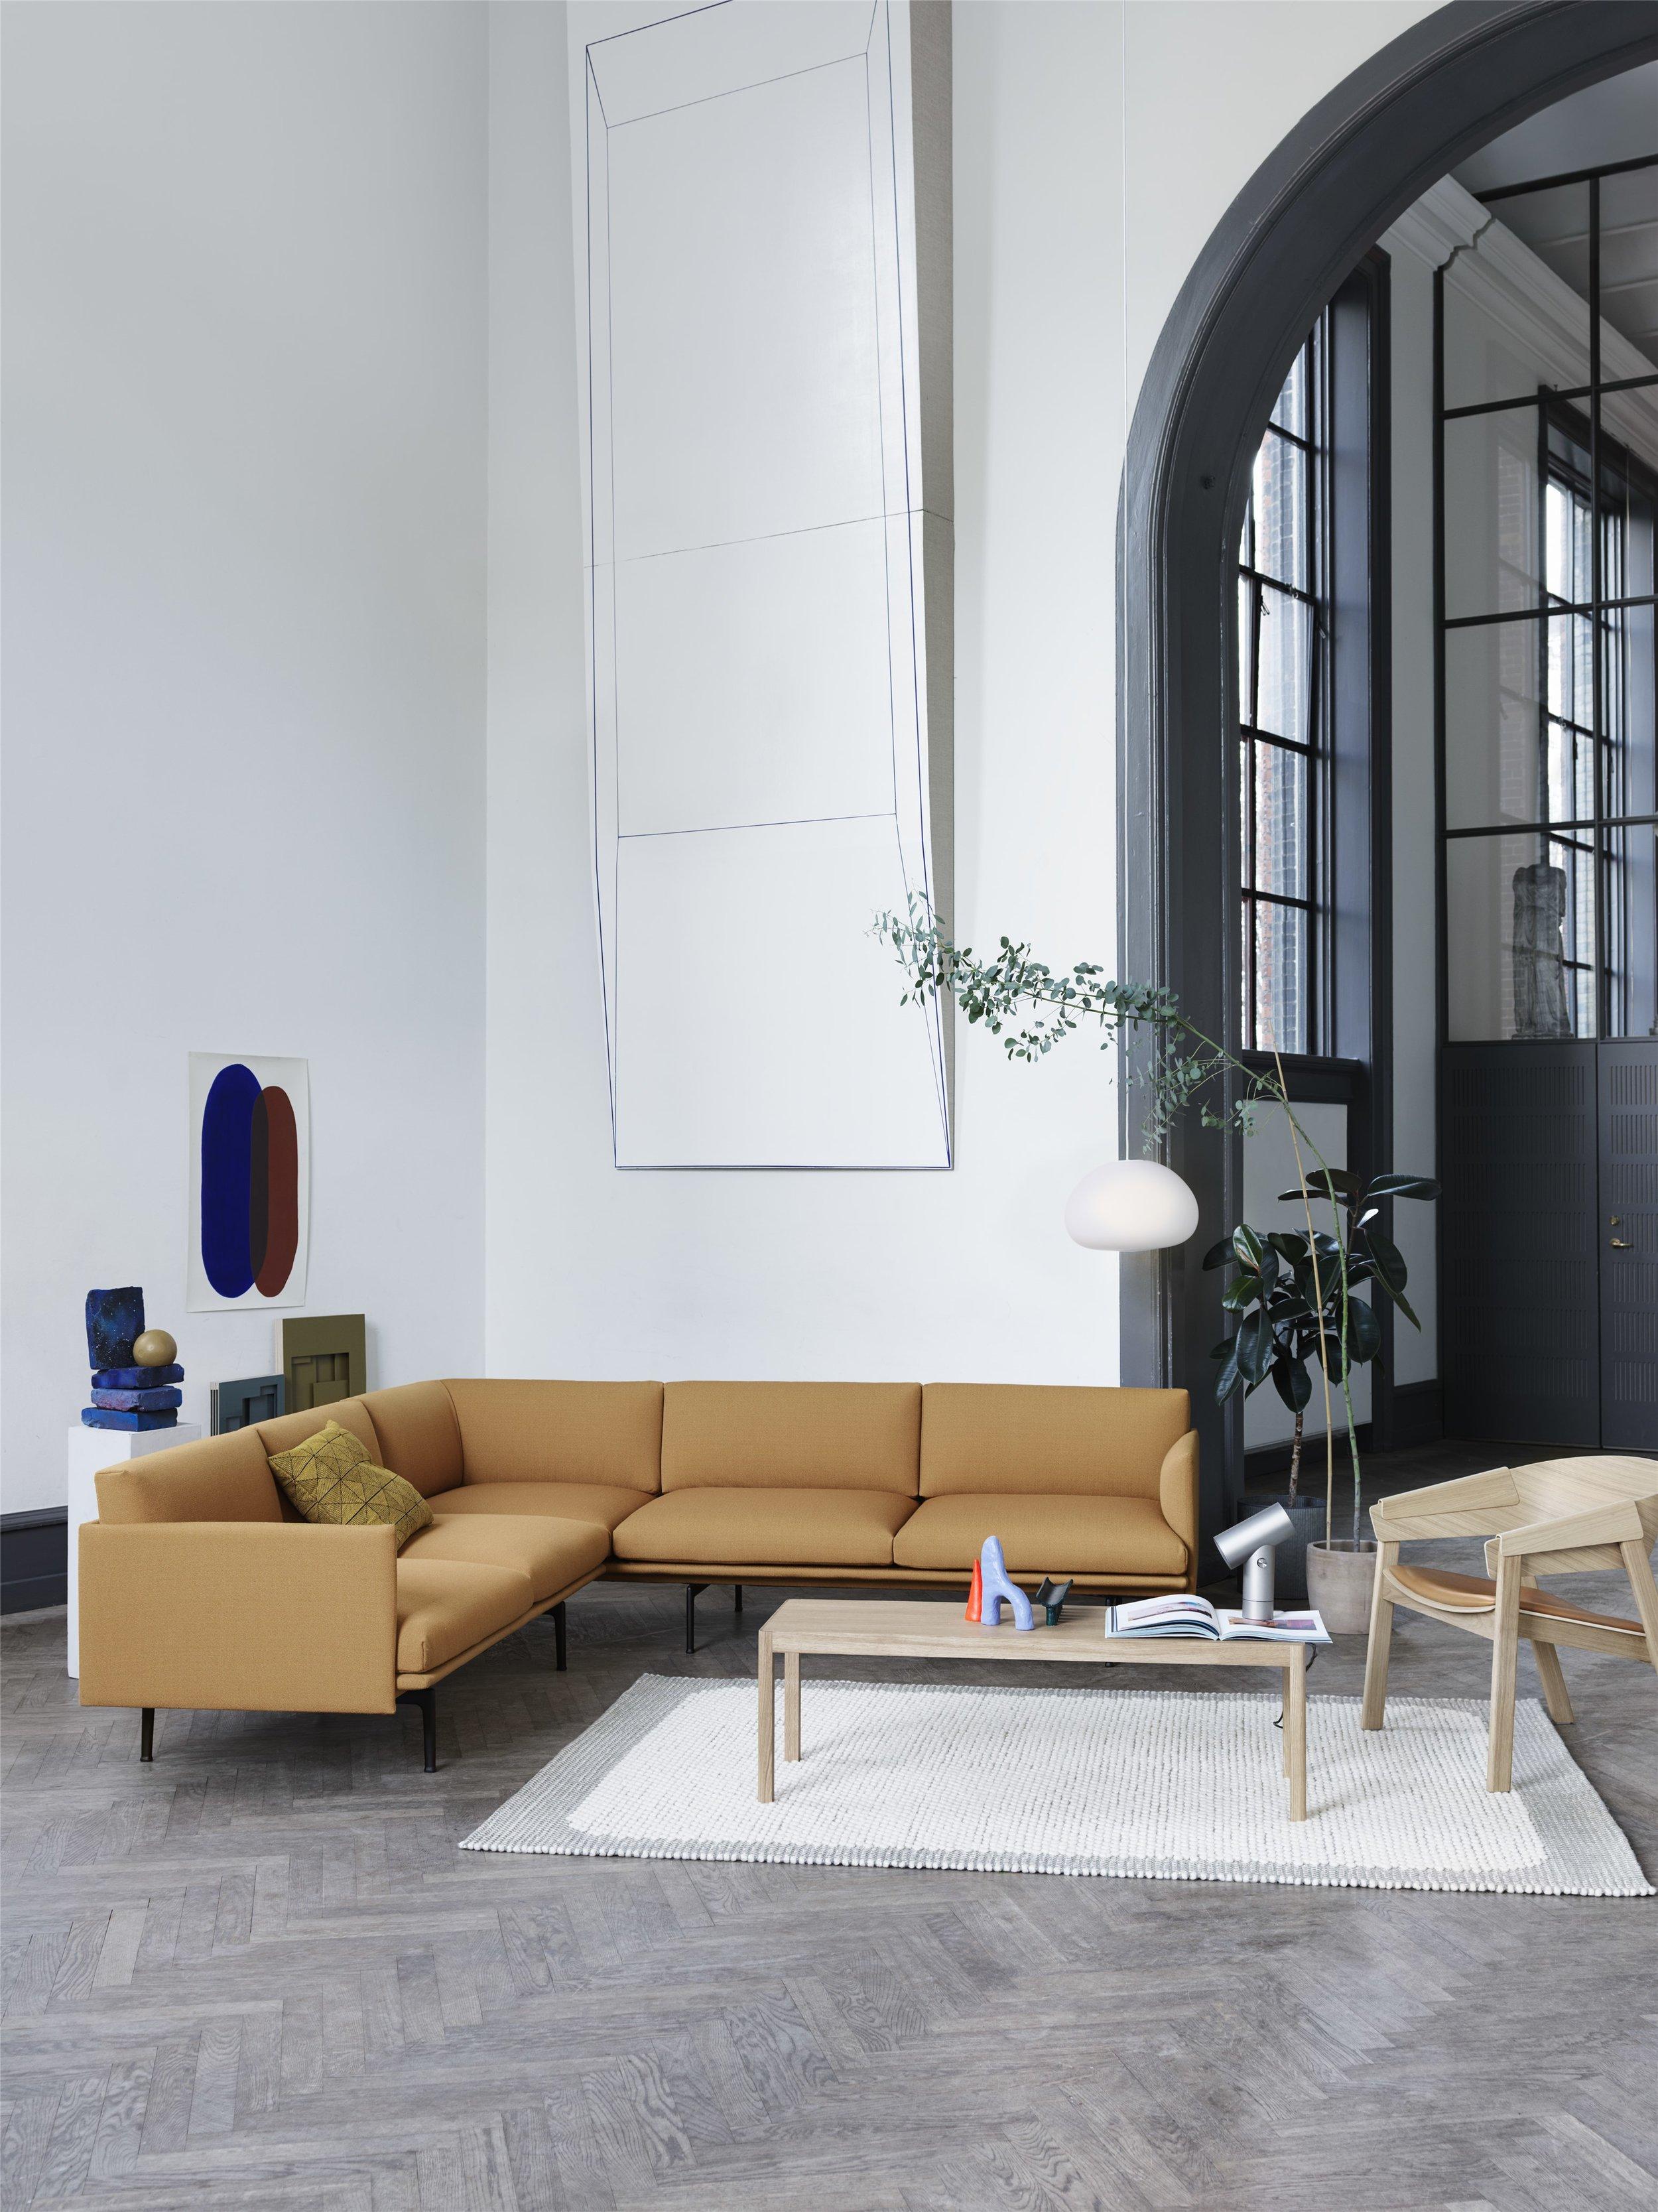 Outline-Corner-Vidar-472-Pebble-Workshop-Table-Cover-lounge-Fluid-Beam-Muuto-Org_(150).jpg